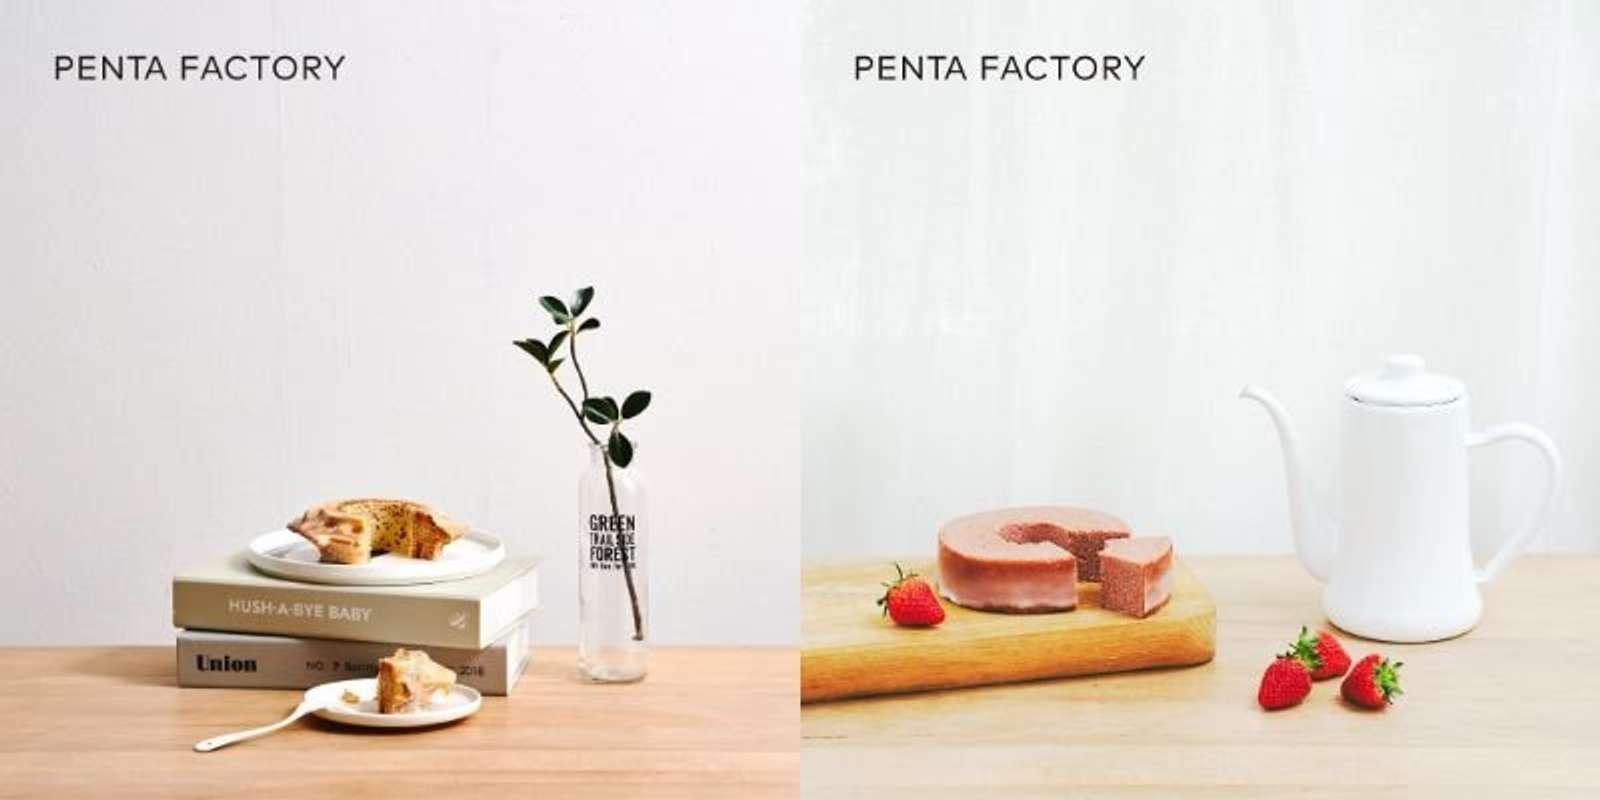 左はプレーンバウム。右は西条市の苺を使ったイチゴバウム(画像はPENTA FACTORYの公式インスタグラムから)